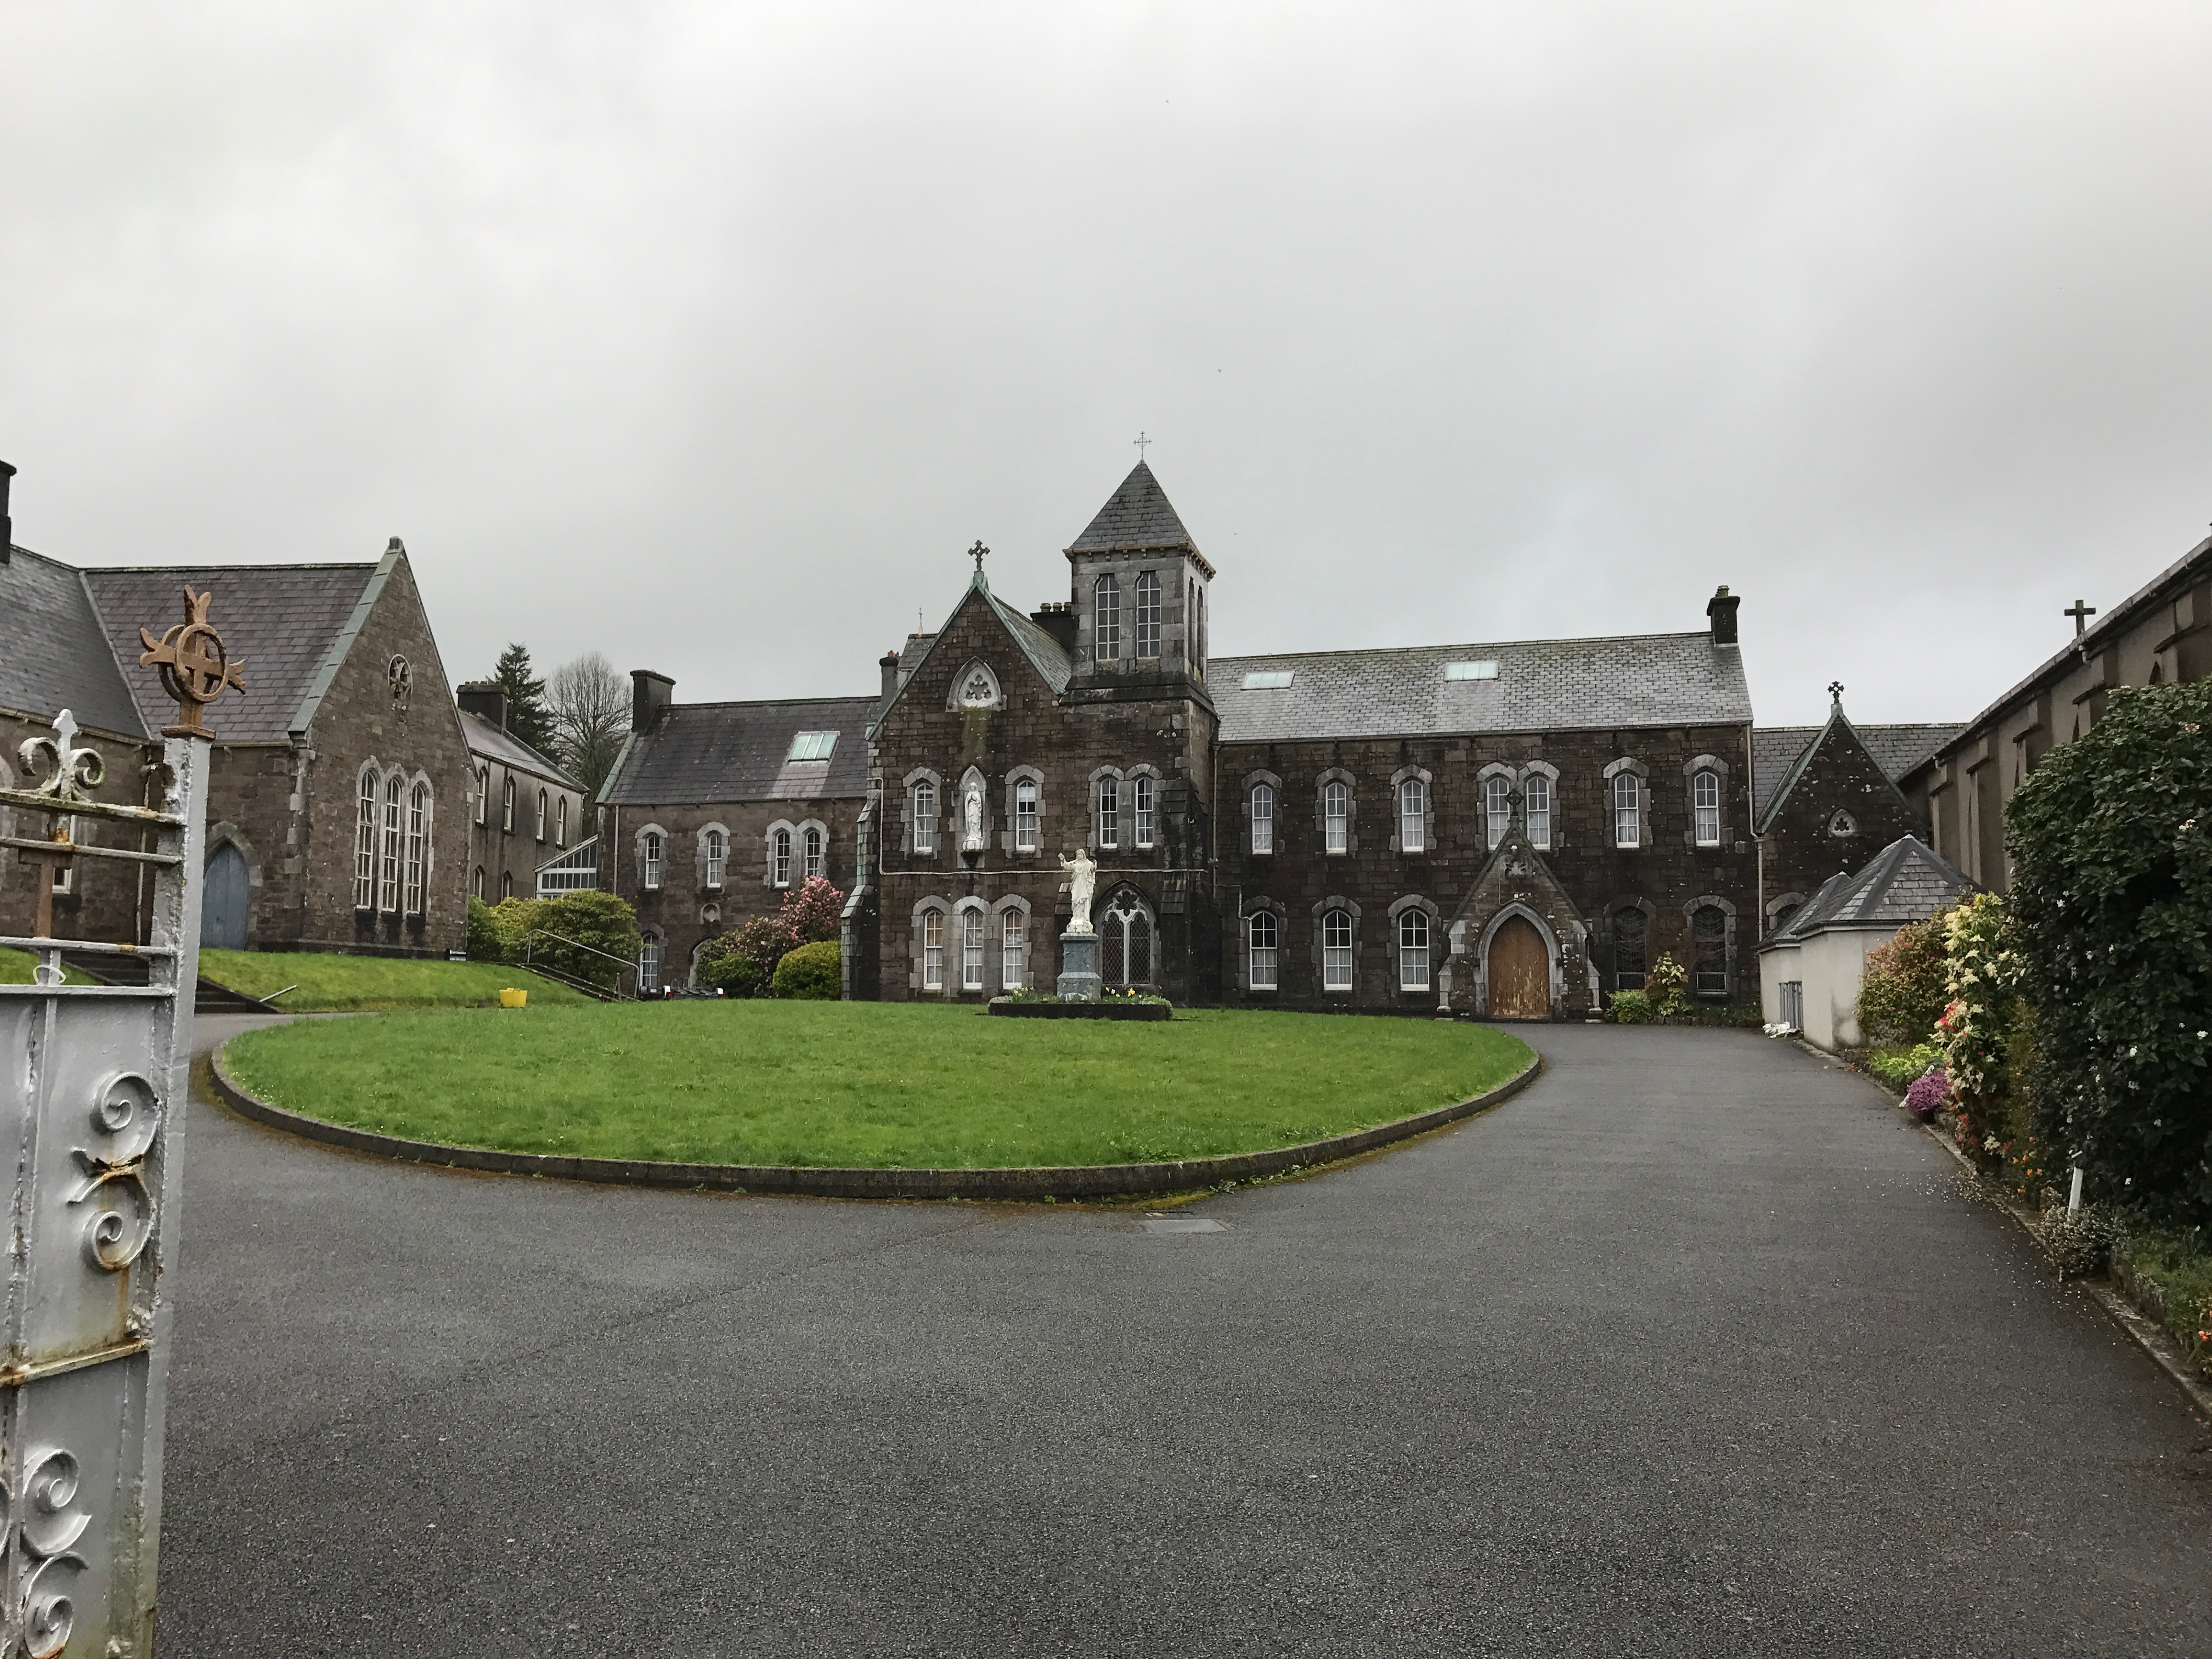 St Mary's Church Macroom